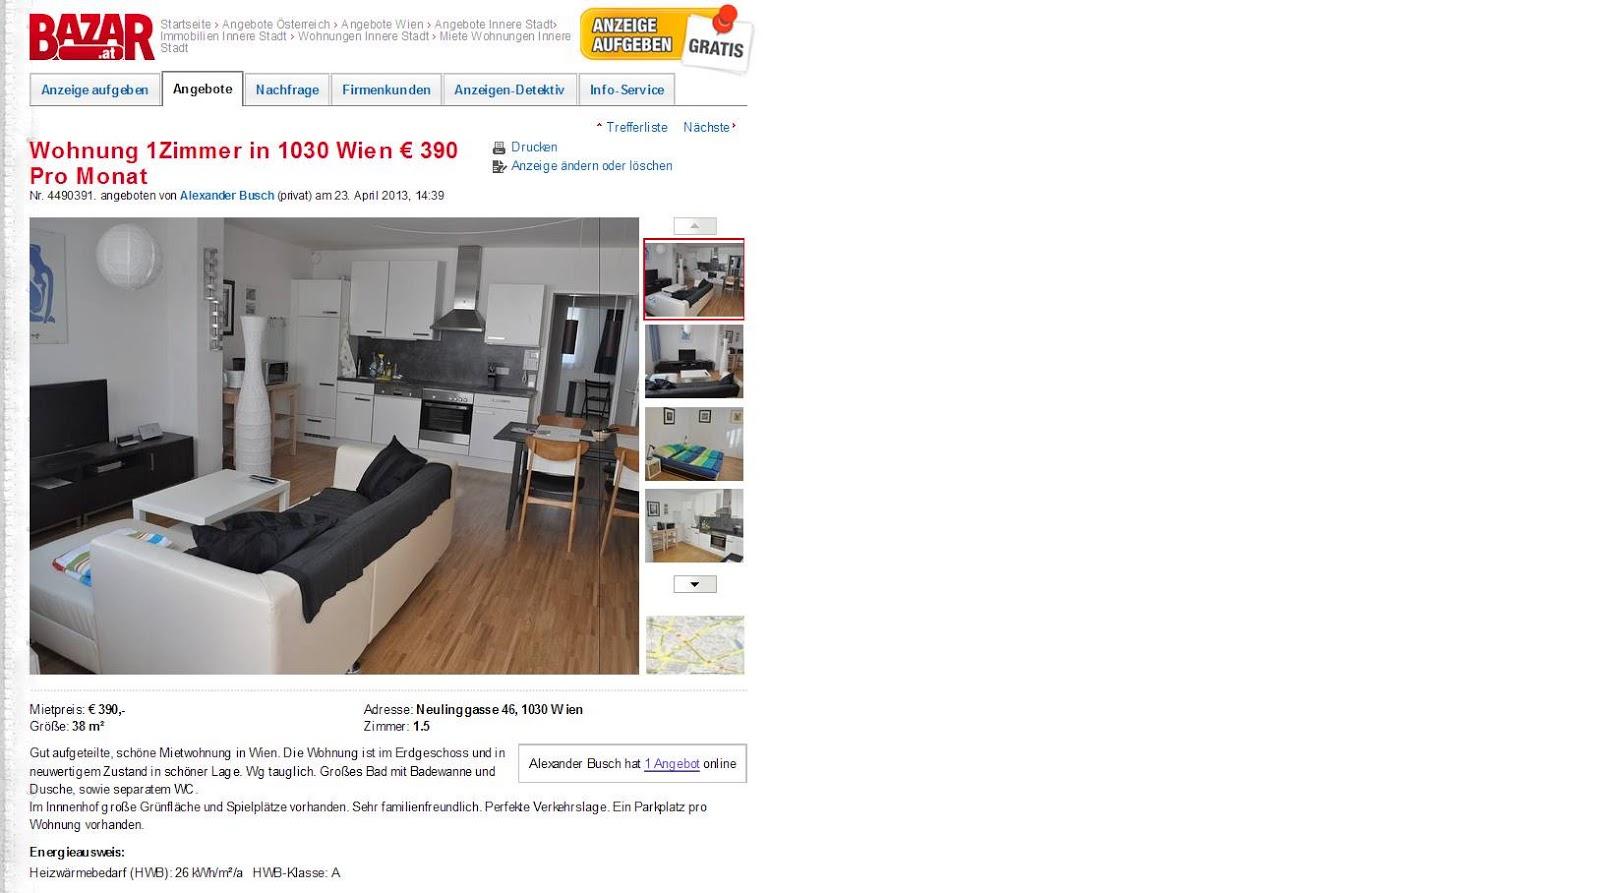 Wohnungsbetrugblogspotcom Wohnung 1zimmer In 1030 Wien 390 Pro